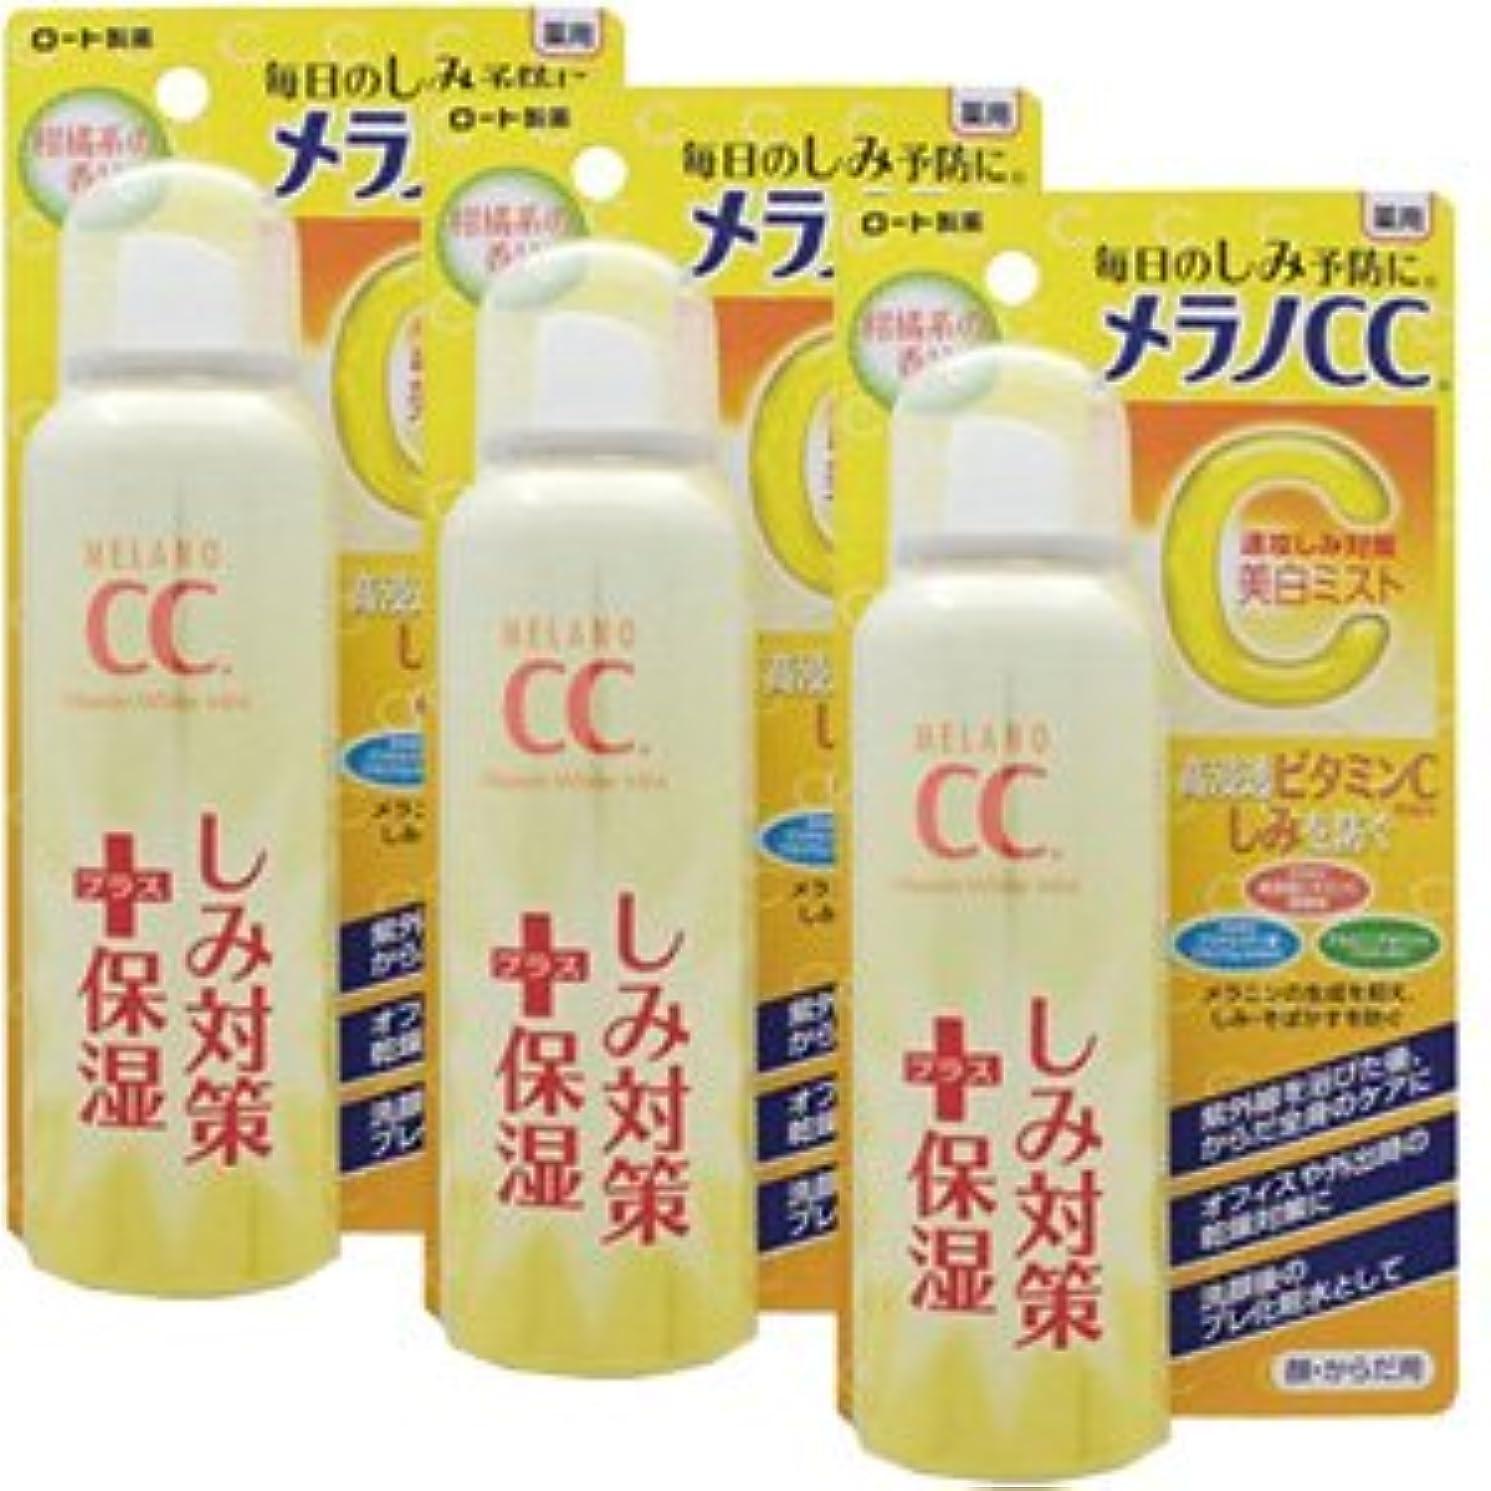 キャンディー言及する順応性【3個】メラノCC 薬用しみ対策美白ミスト化粧水 100gx3個